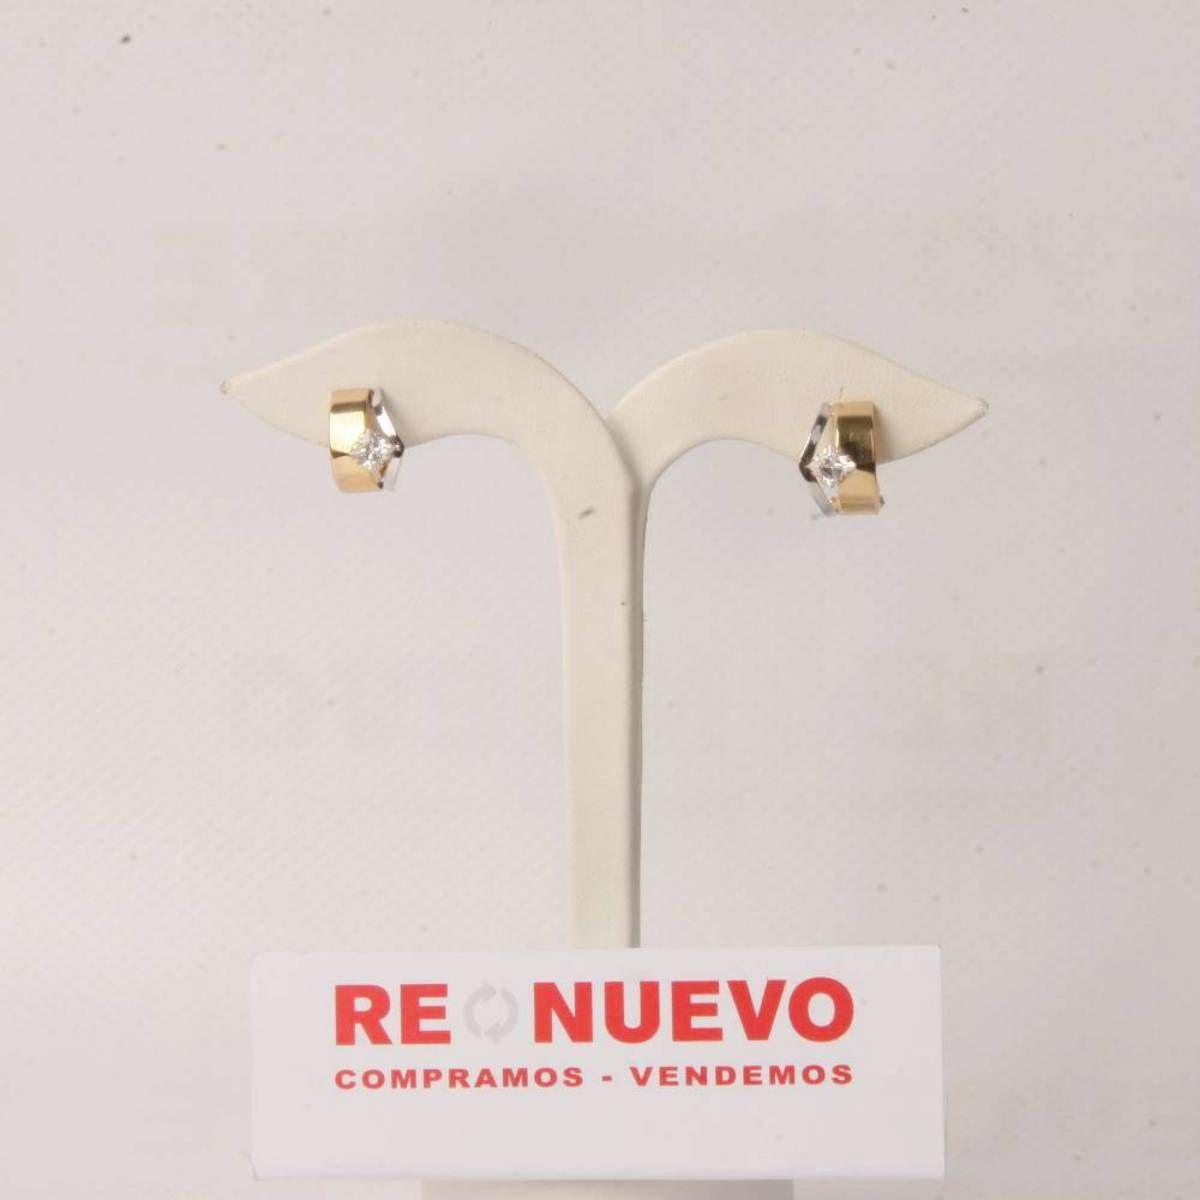 Pendientes de oro bicolor con circonitas de segunda mano E275281A | Tienda online de segunda mano en Barcelona Re-Nuevo